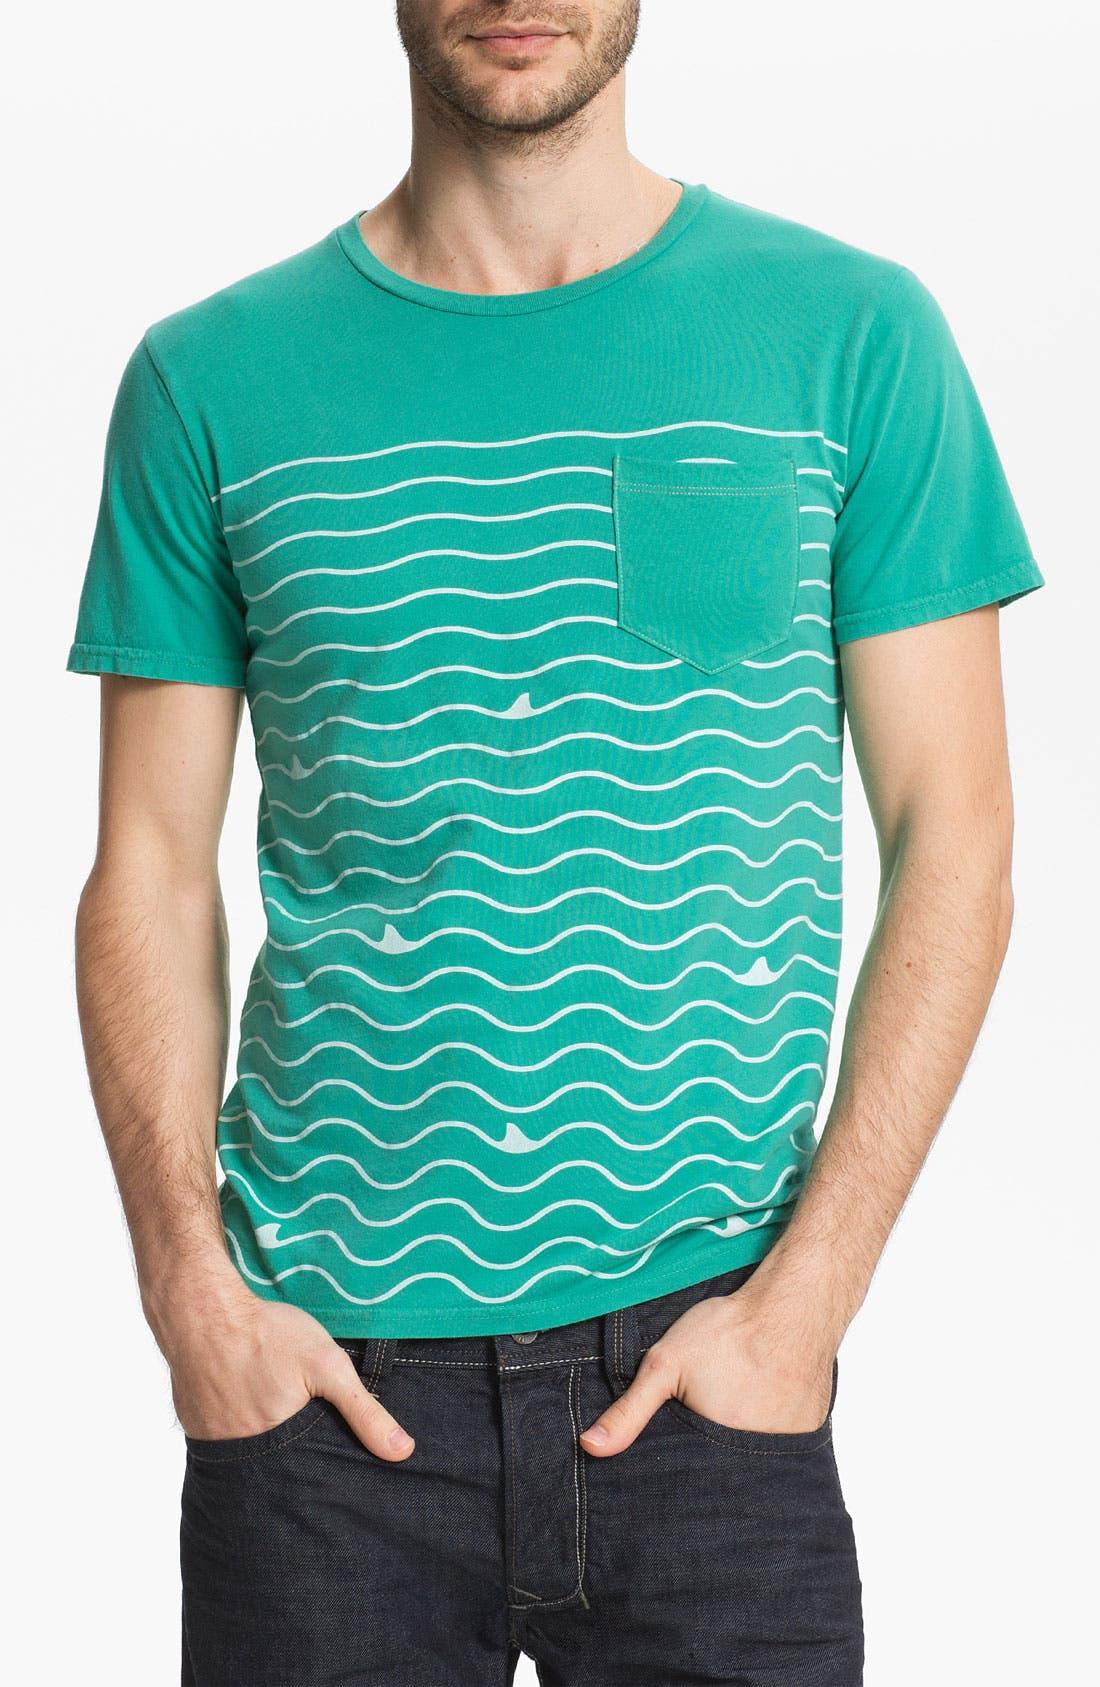 Alternate Image 1 Selected - Altru 'Shark Lines' Pocket T-Shirt